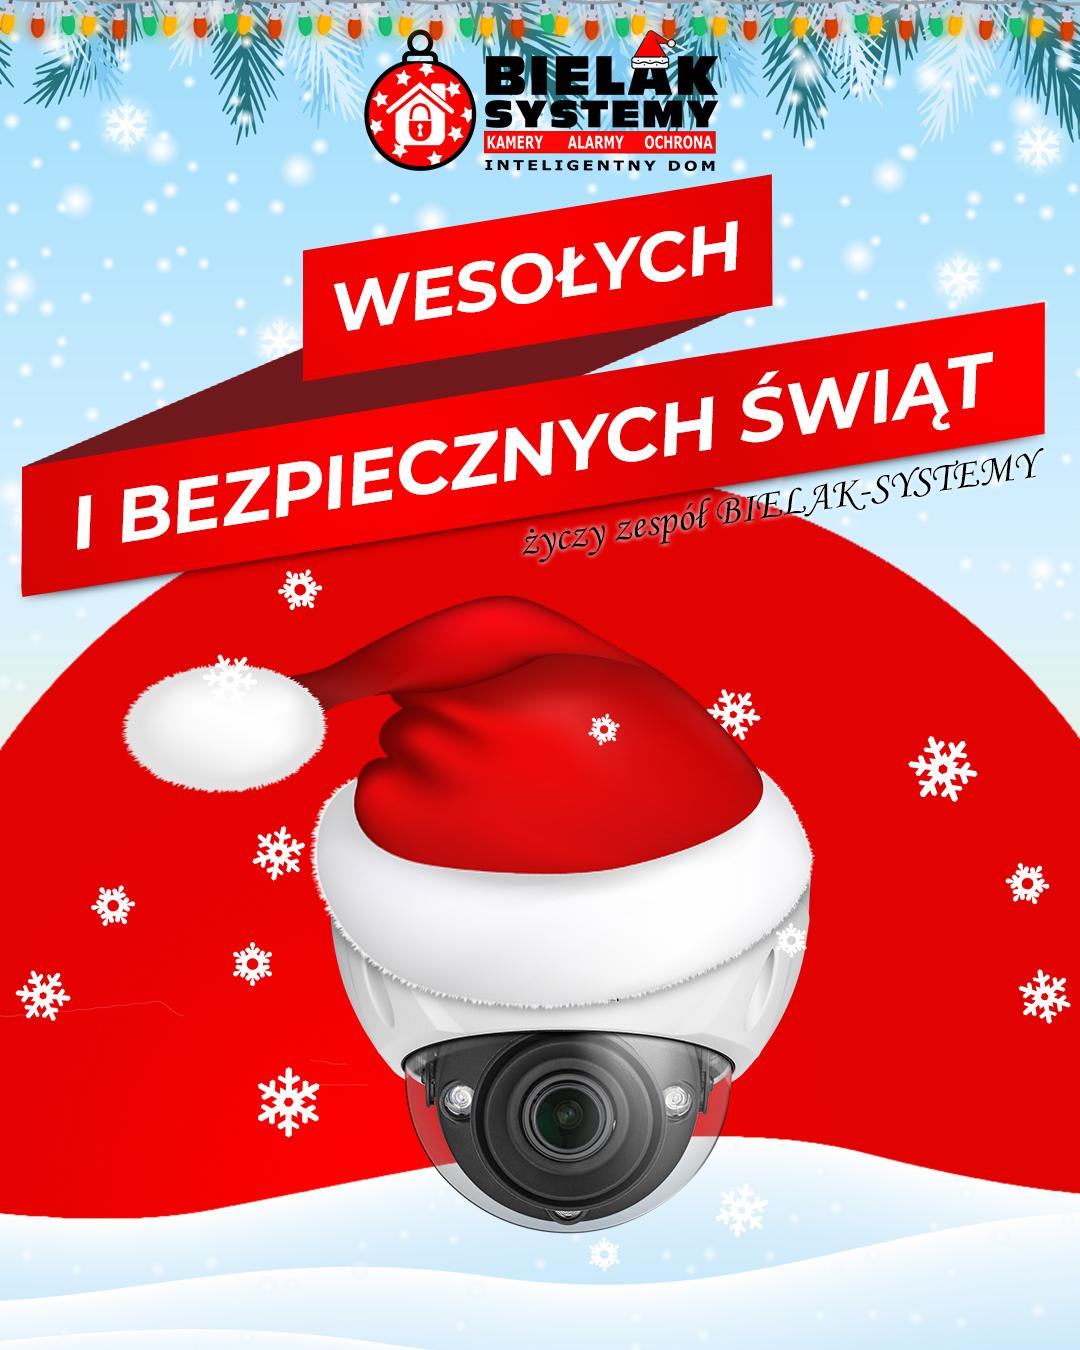 Życzymy Wesołych i Bezpiecznych Świąt Bożego Narodzenia